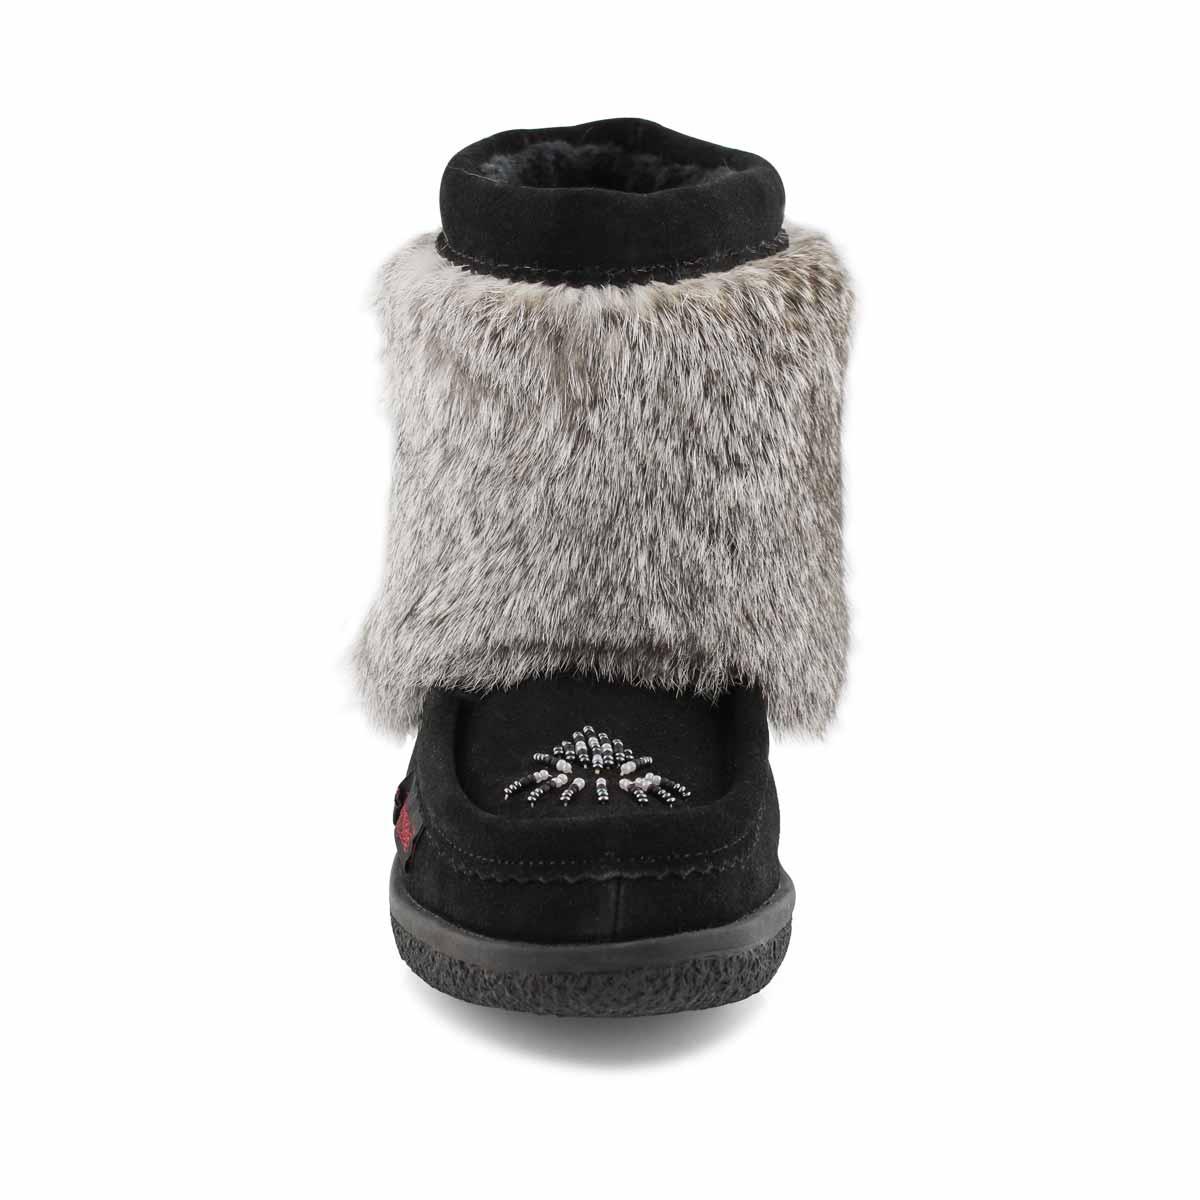 Lds Winter Muk black wtprf bootie